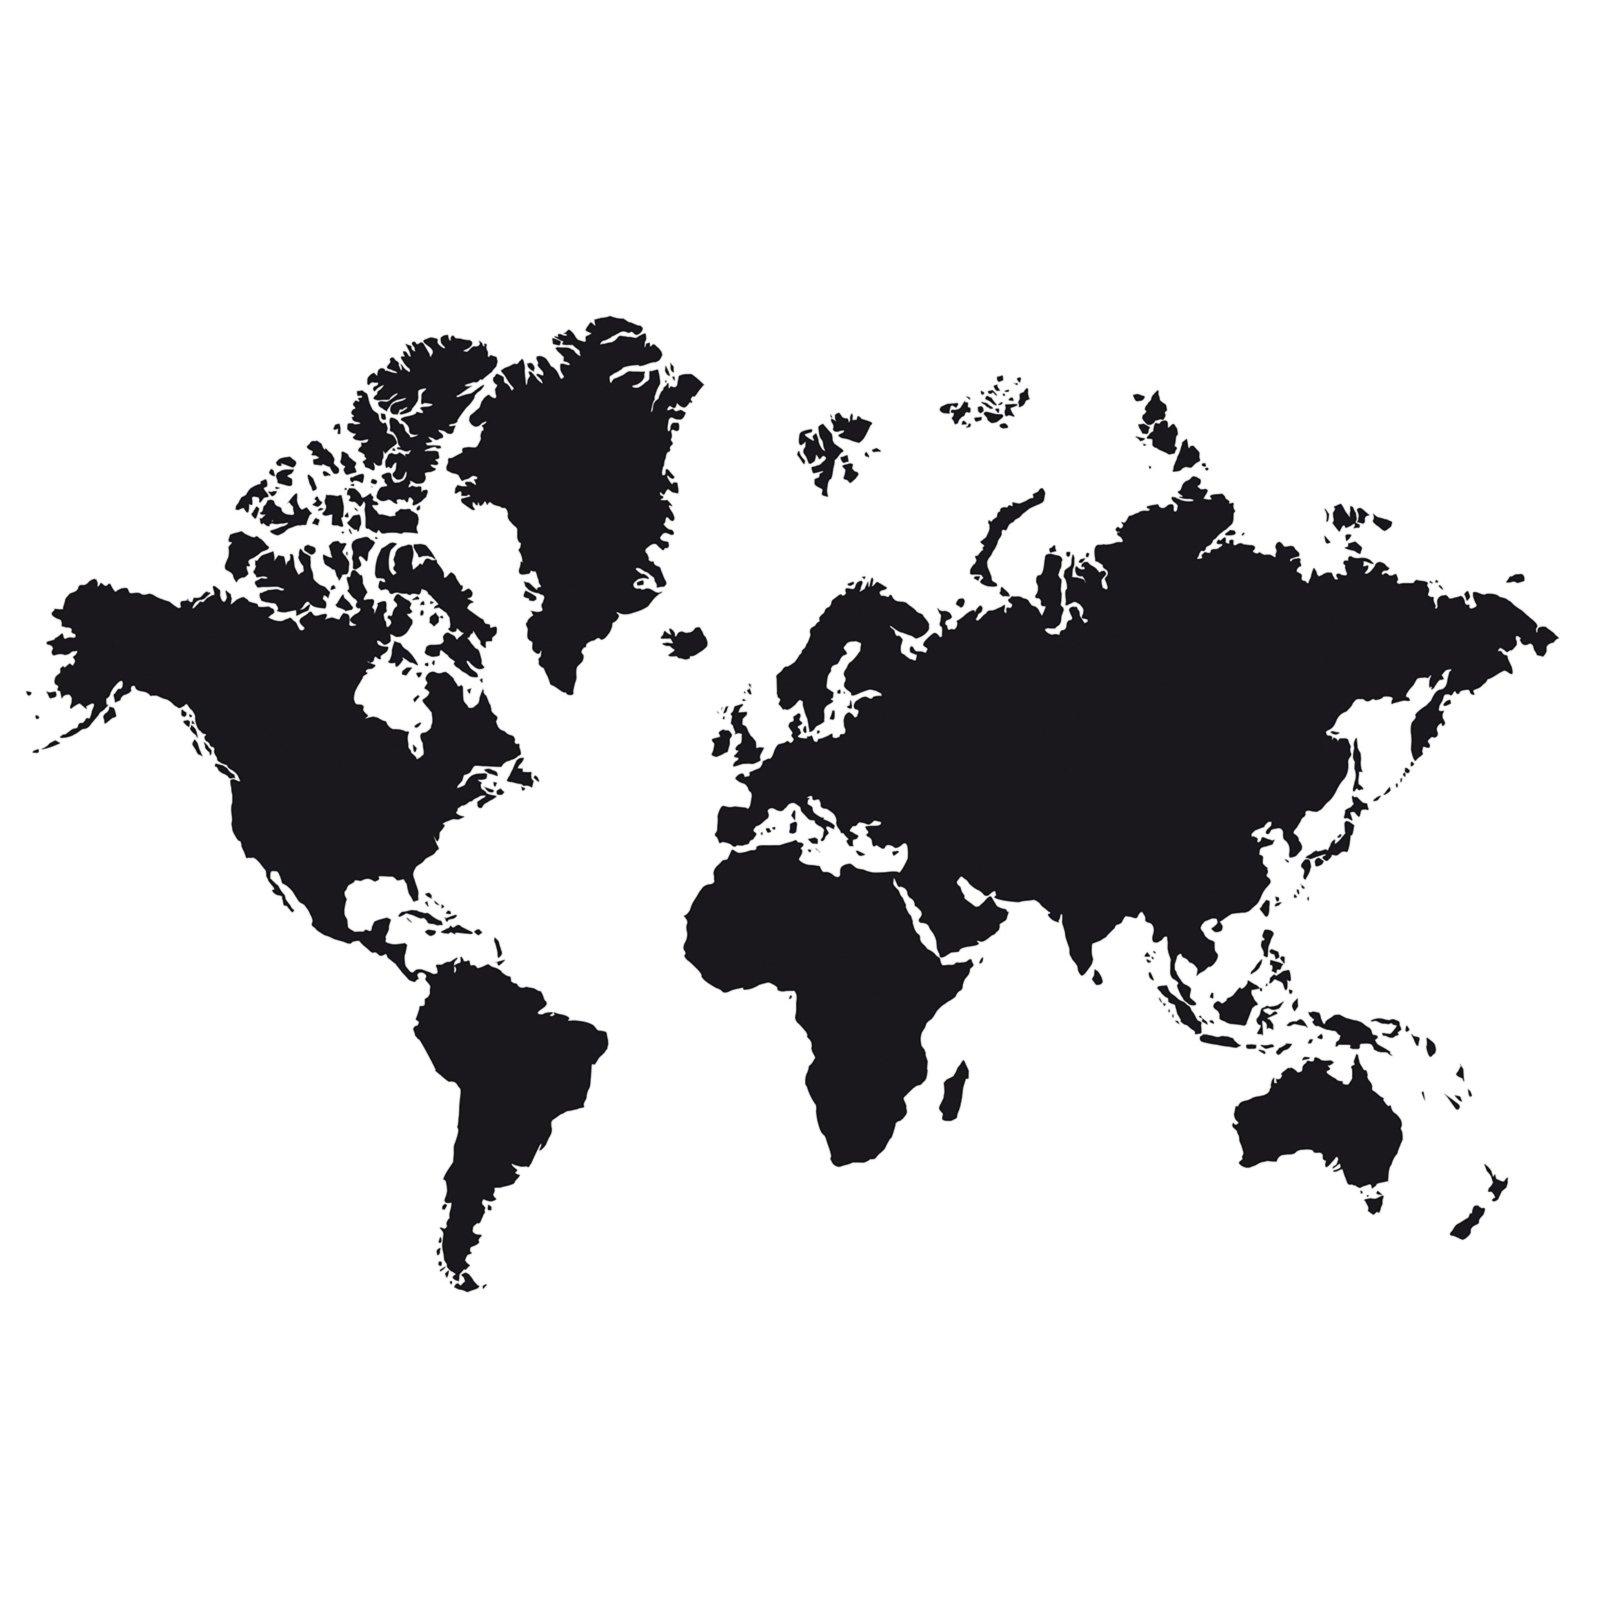 Wunderbar Wandtattoo Weltkarte Sammlung Von - Schwarz - Selbstklebend